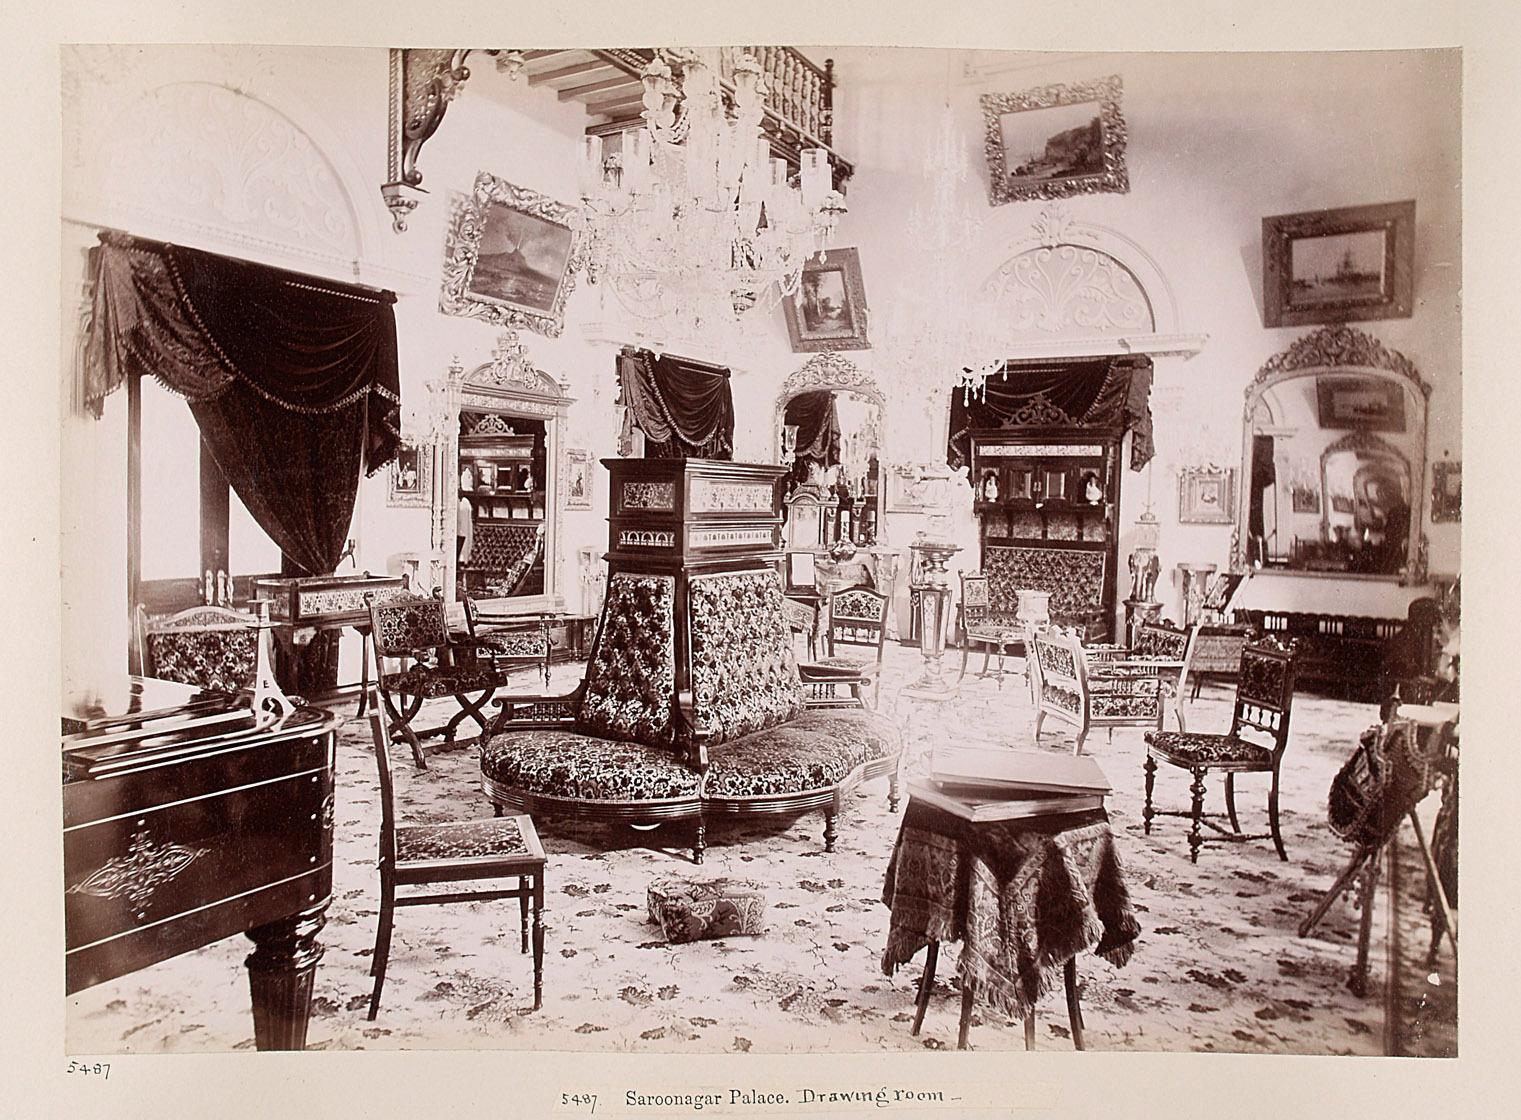 Hyderabad: Saroonagar Palast, Salon von Lala Deen Dayal